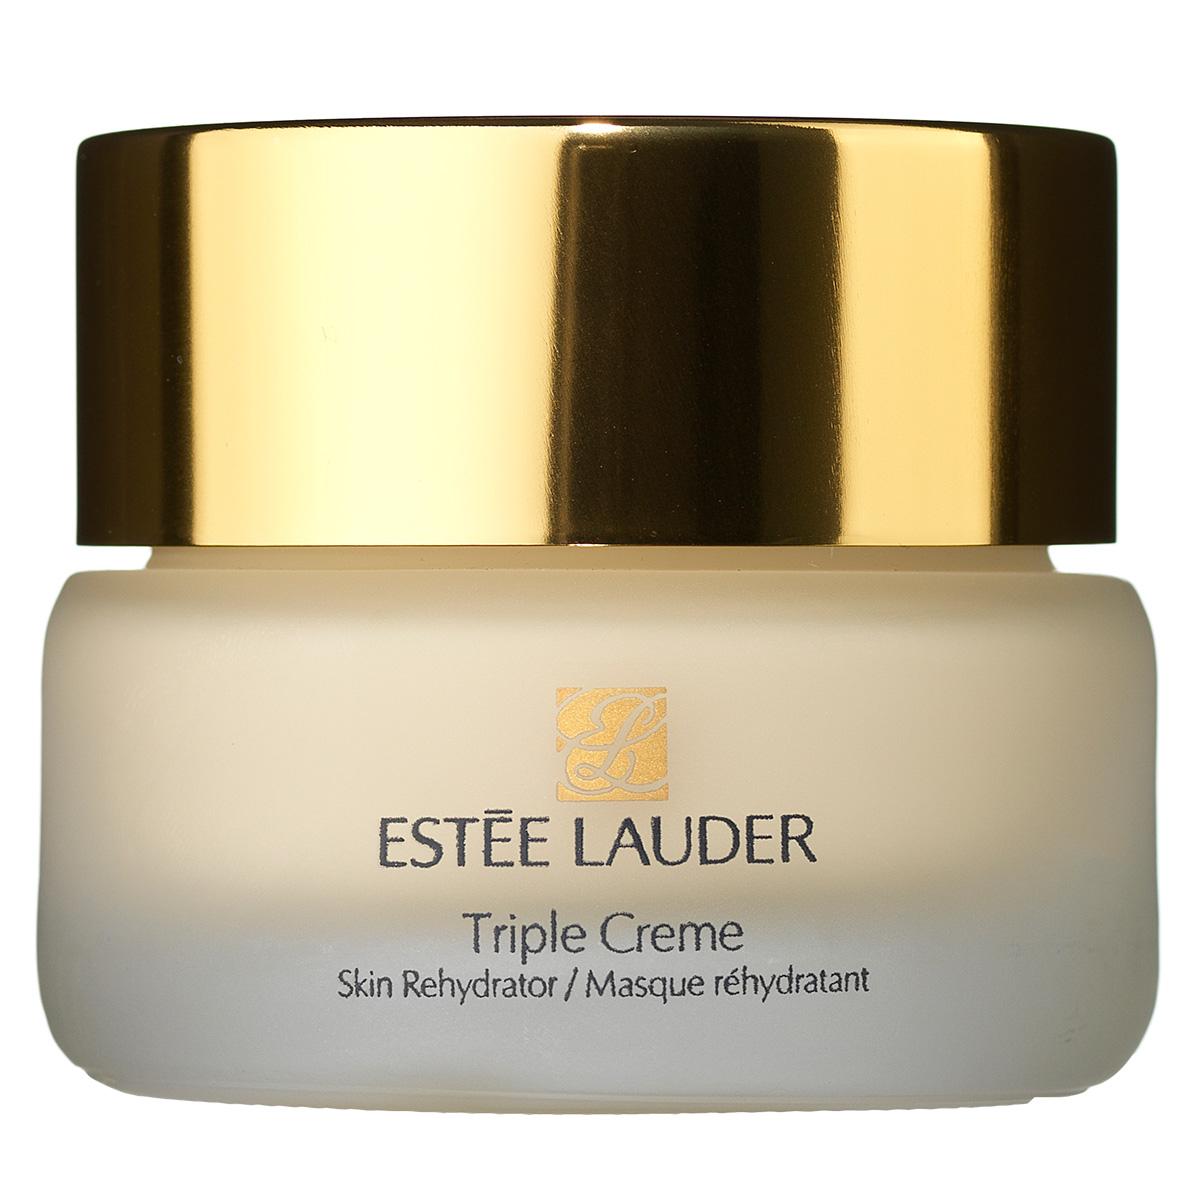 Billede af Estée Lauder Triple Creme Skin Rehydrator - 50 ml